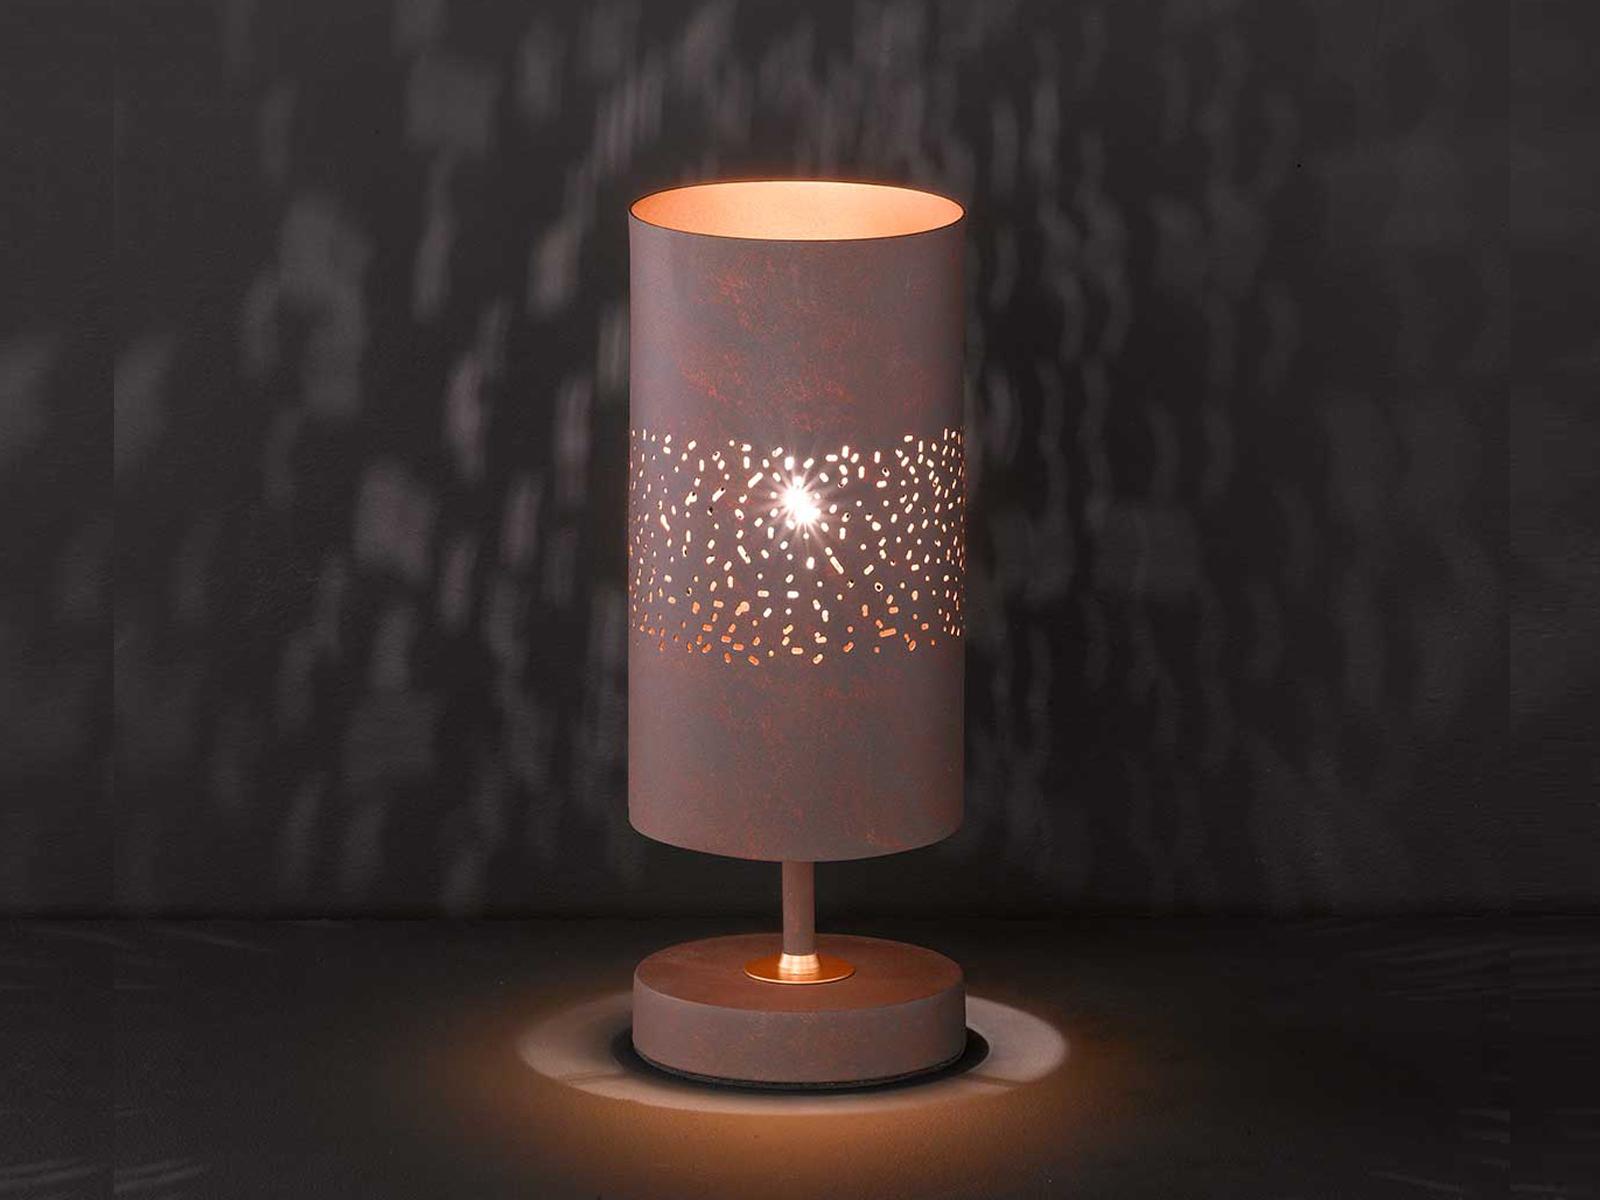 Design Tischleuchte Nachttischlampe Tischlampe Nachttischleuchte MDF Schwarz